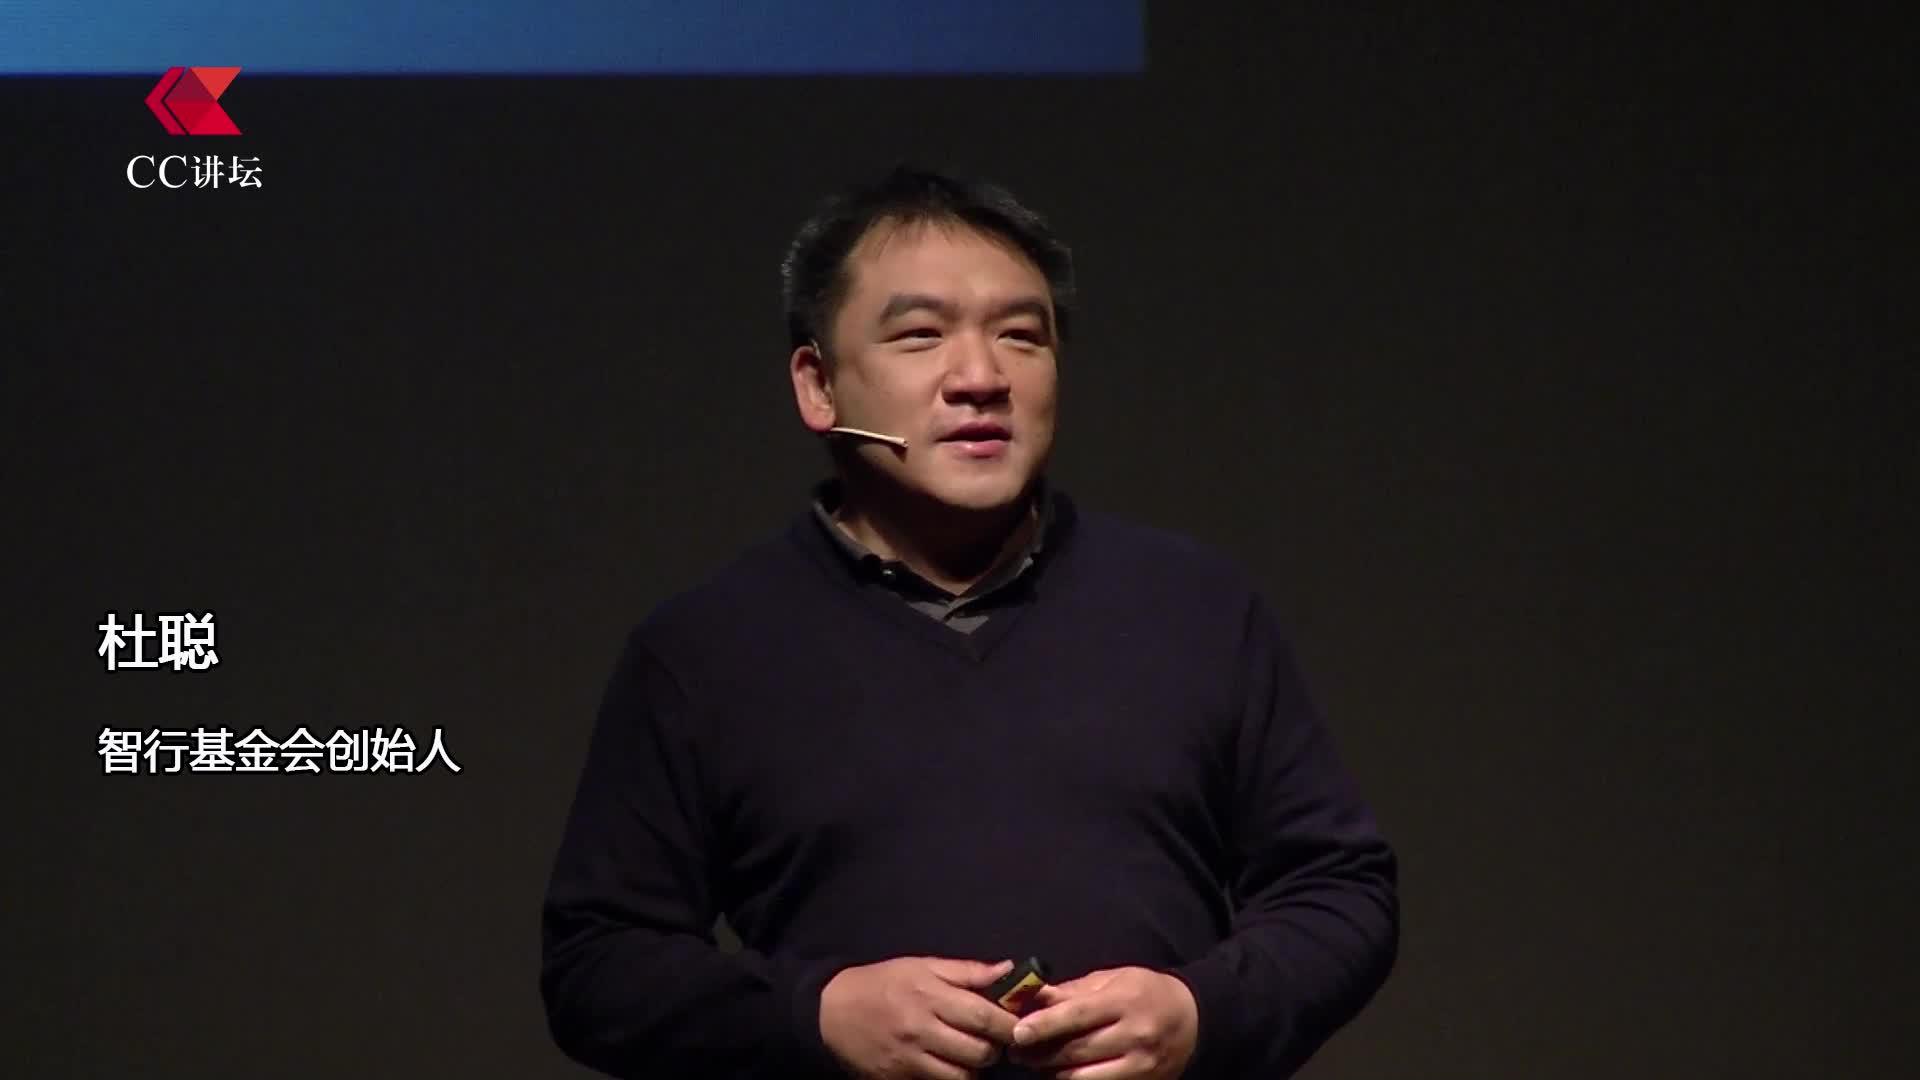 """CC讲坛——杜聪:""""以爱养艾"""",改变生命的轨迹"""